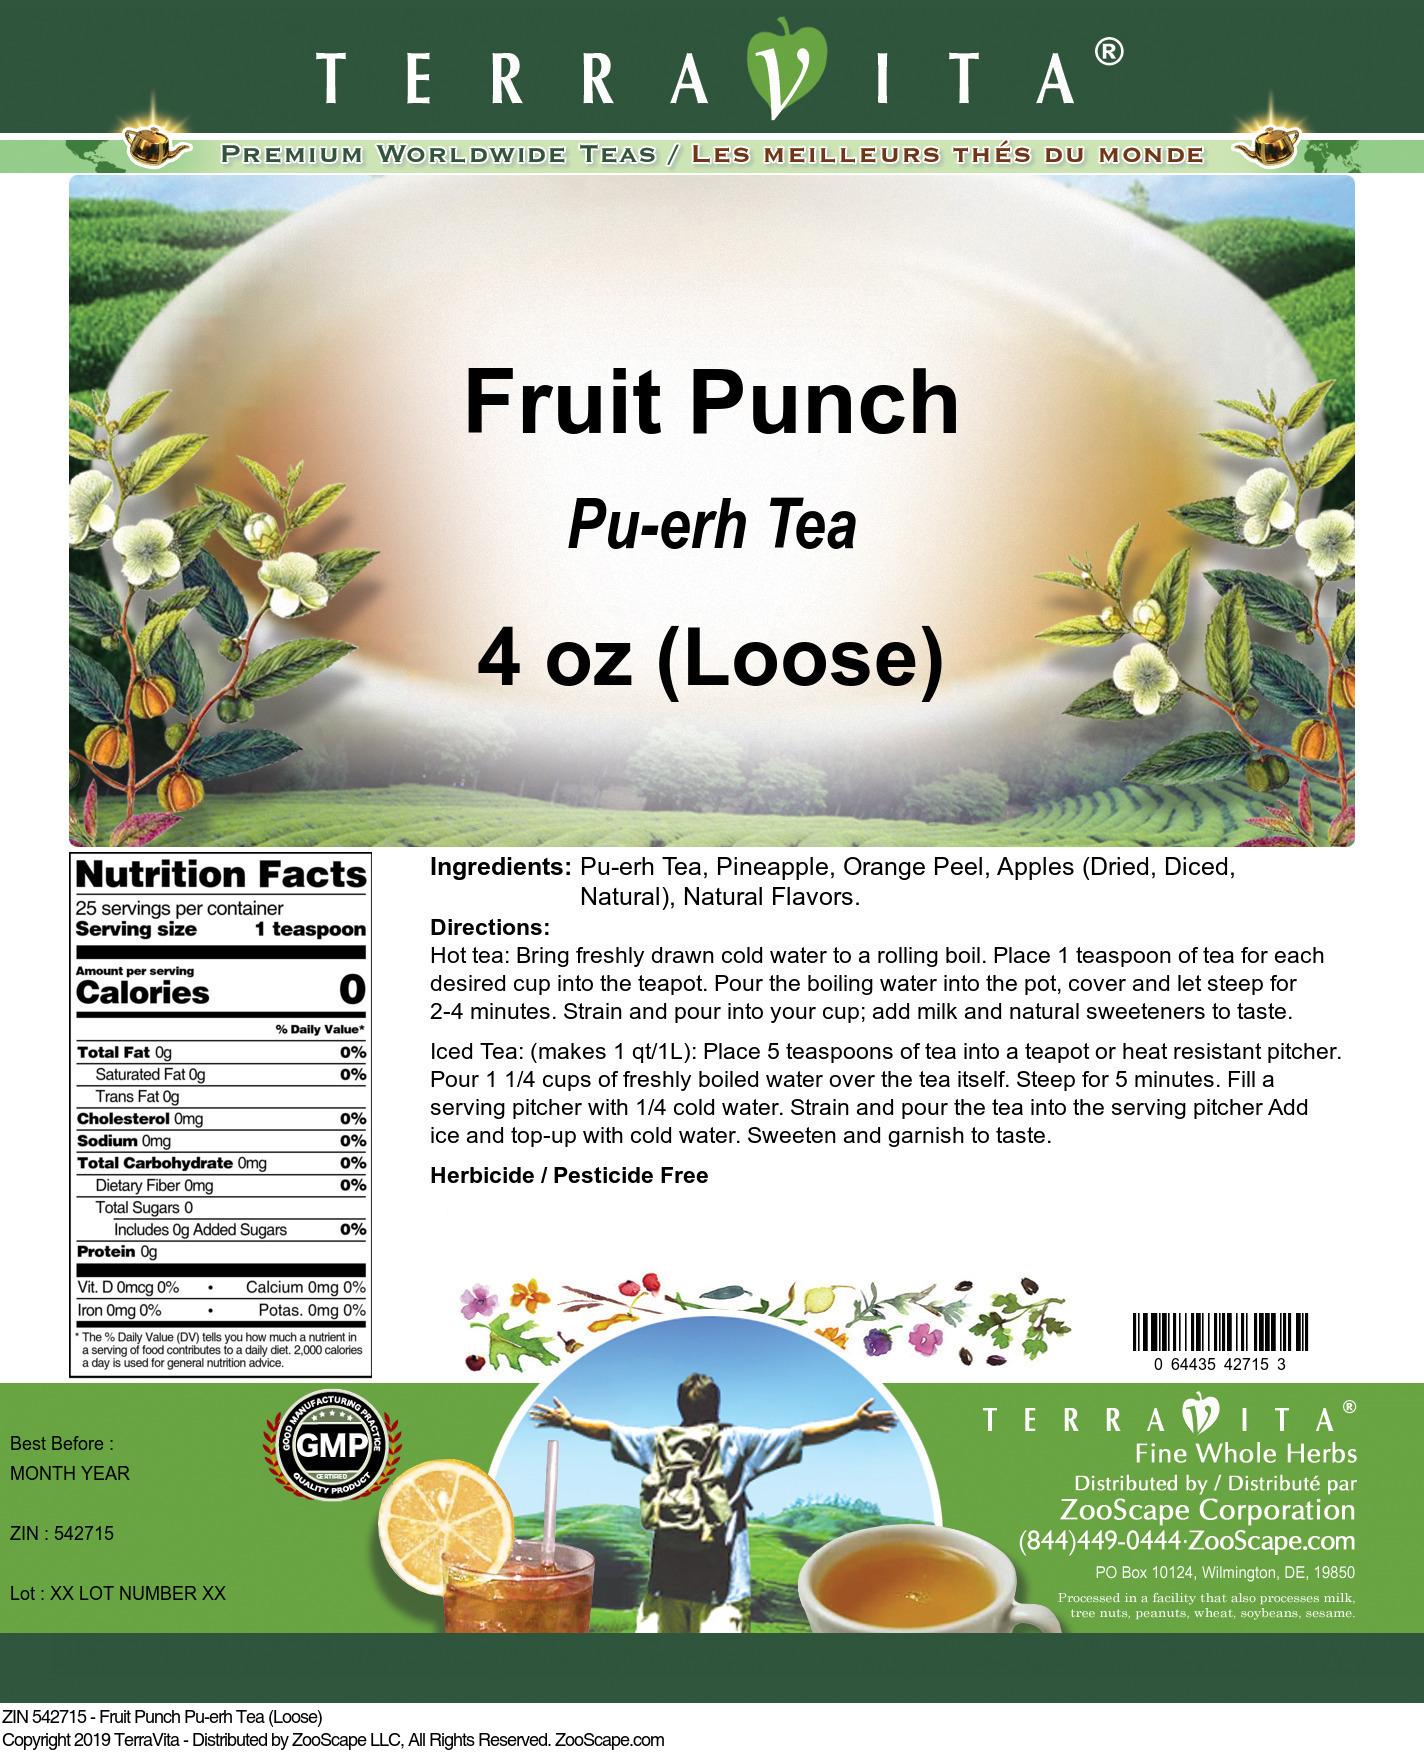 Fruit Punch Pu-erh Tea (Loose)